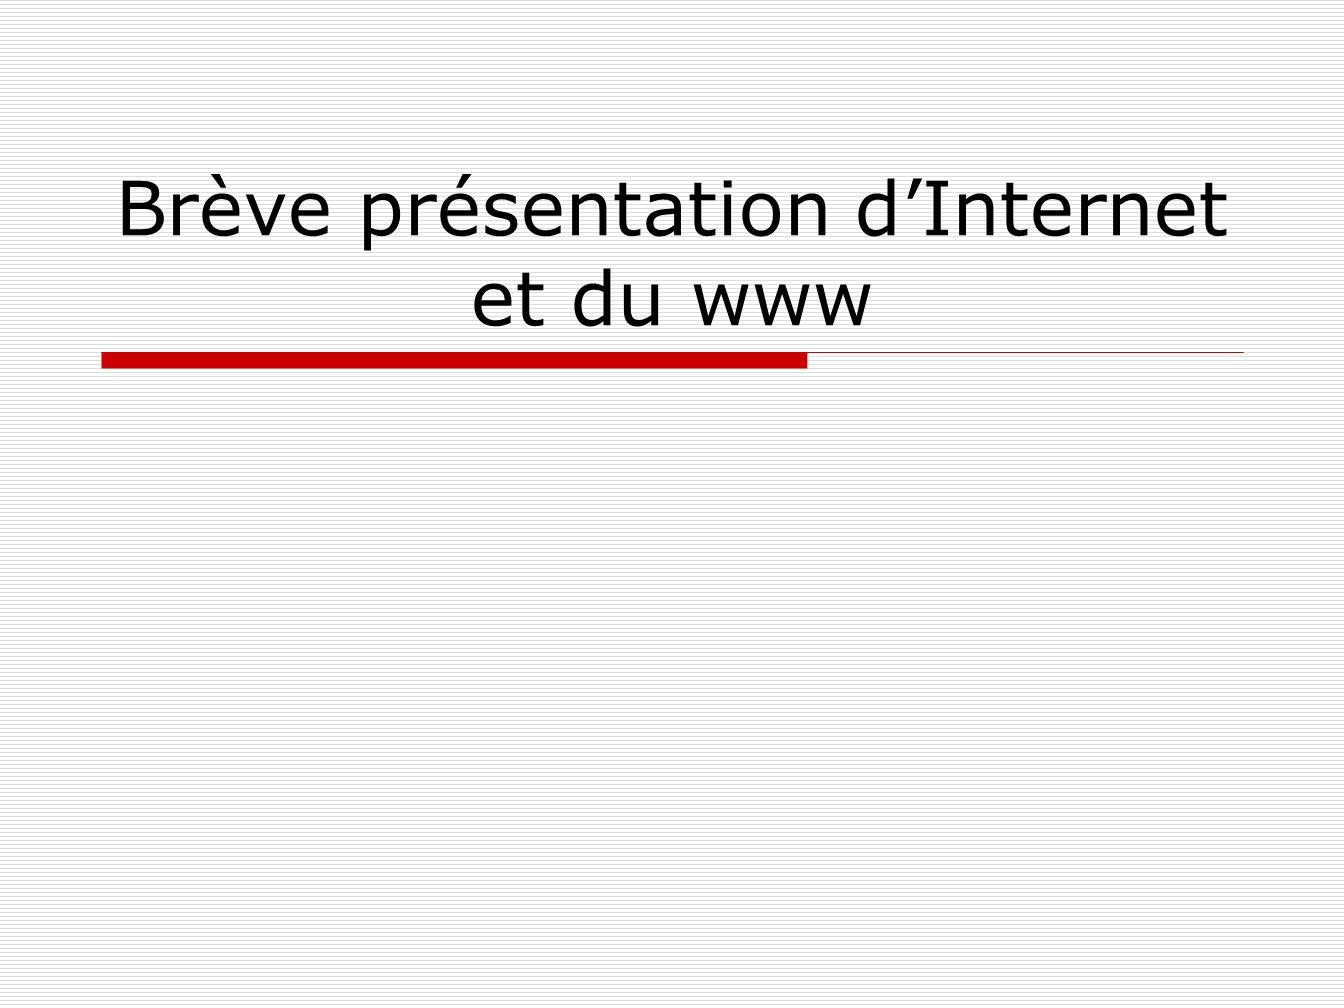 Brève présentation d'Internet et du www